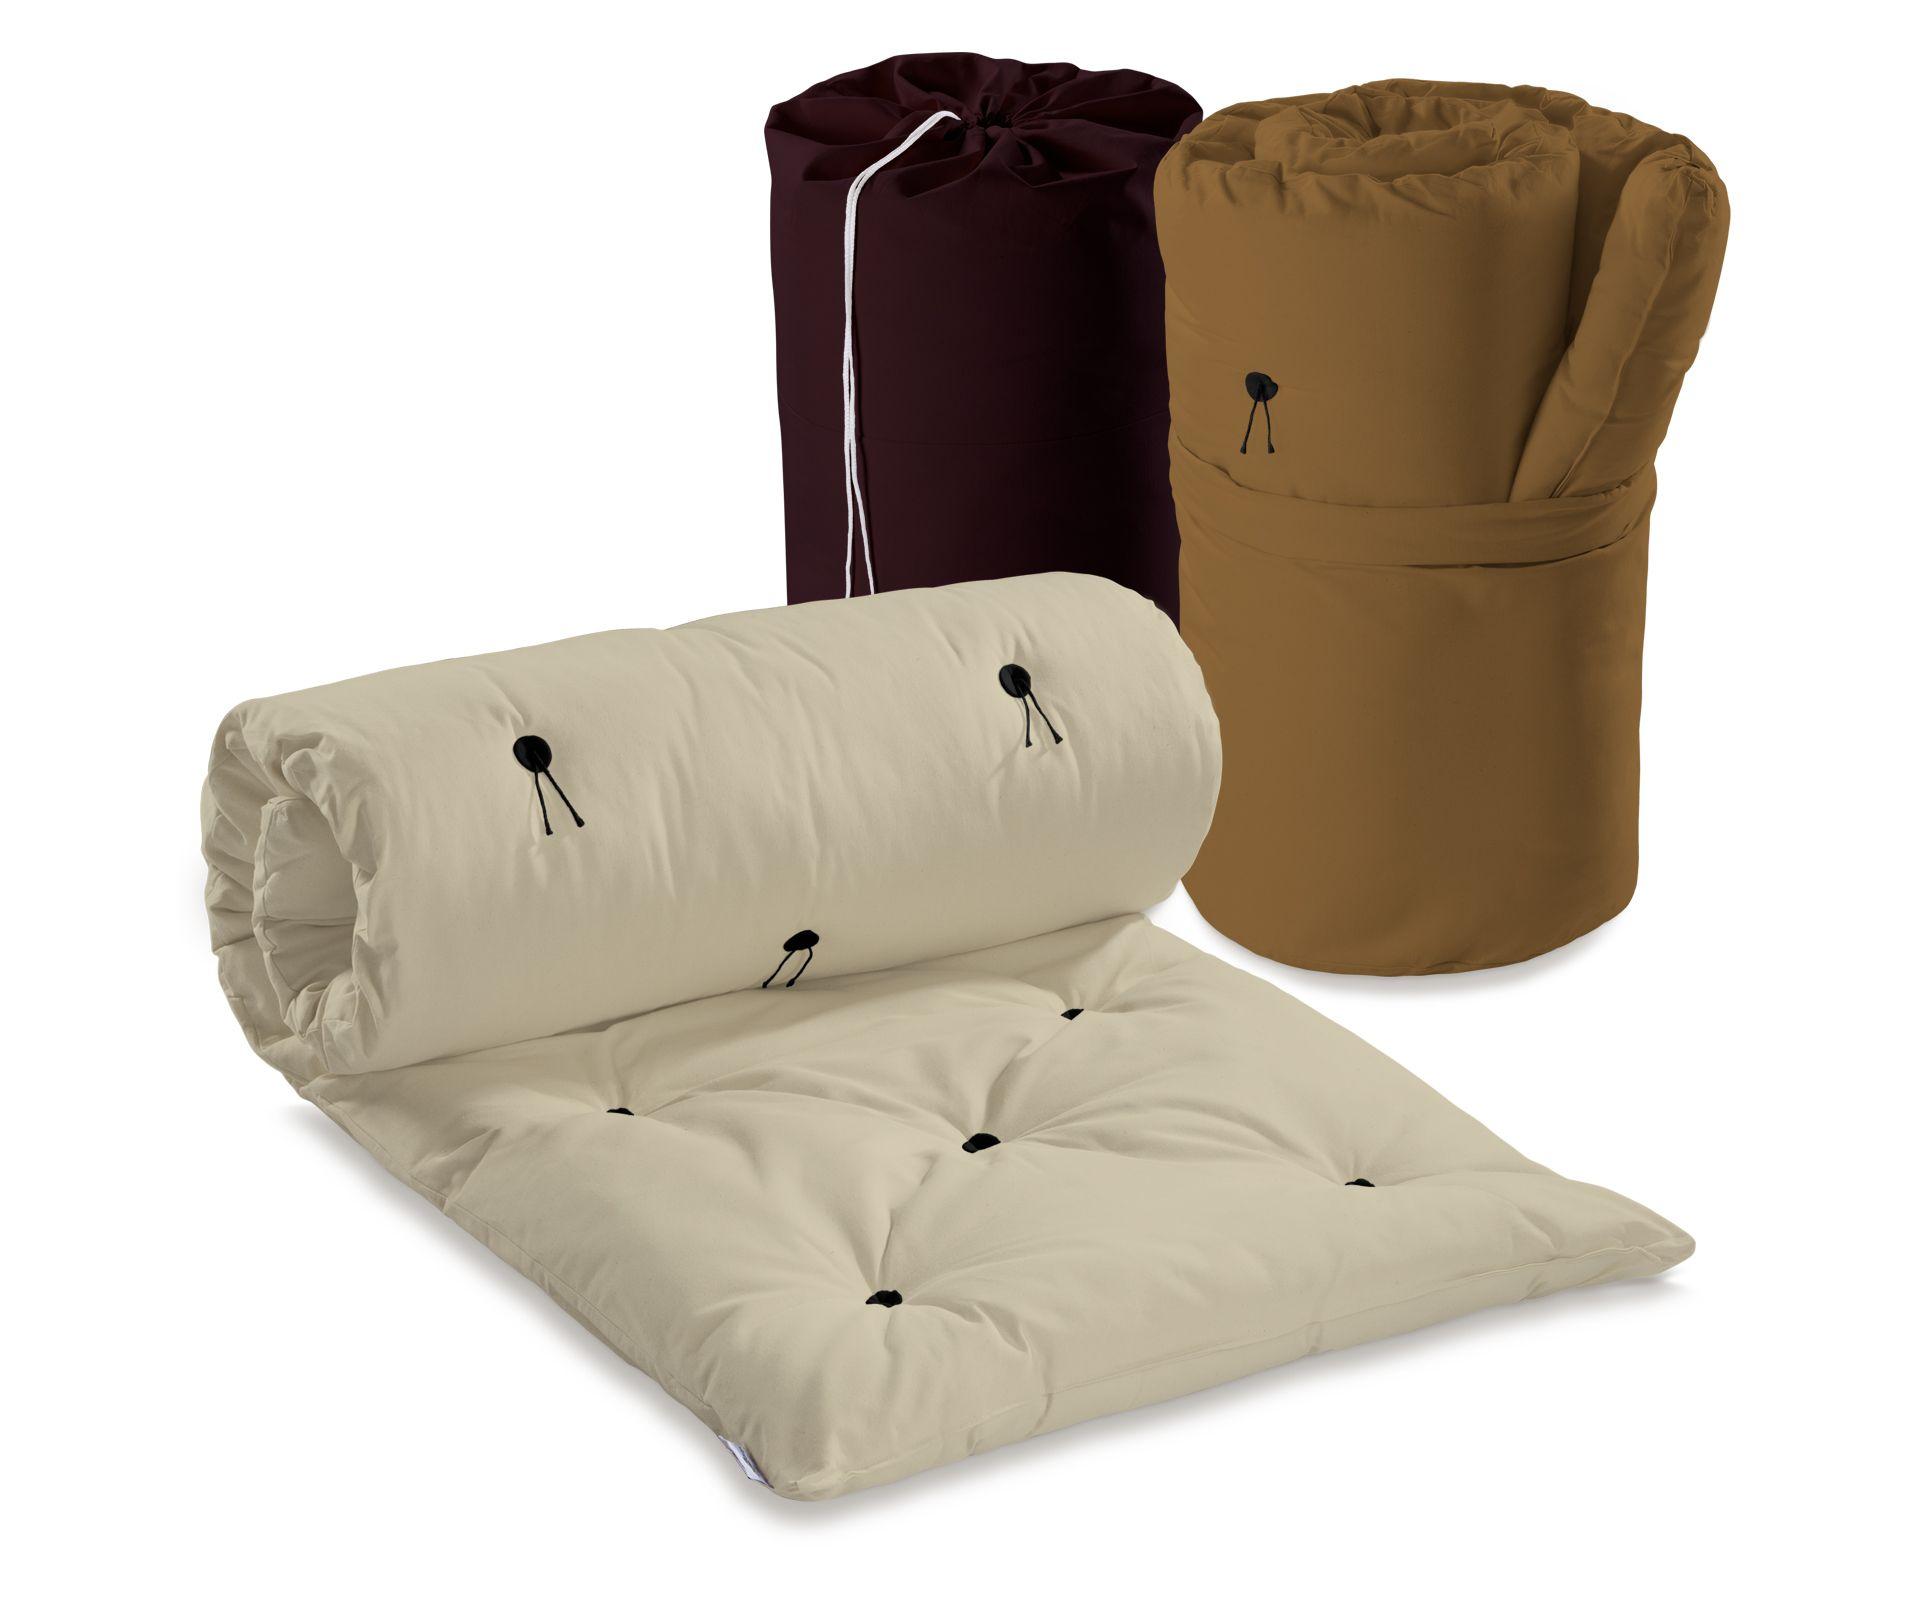 Gastefuton Kasugai Ab 120 Cm Futon Bett Praktisch